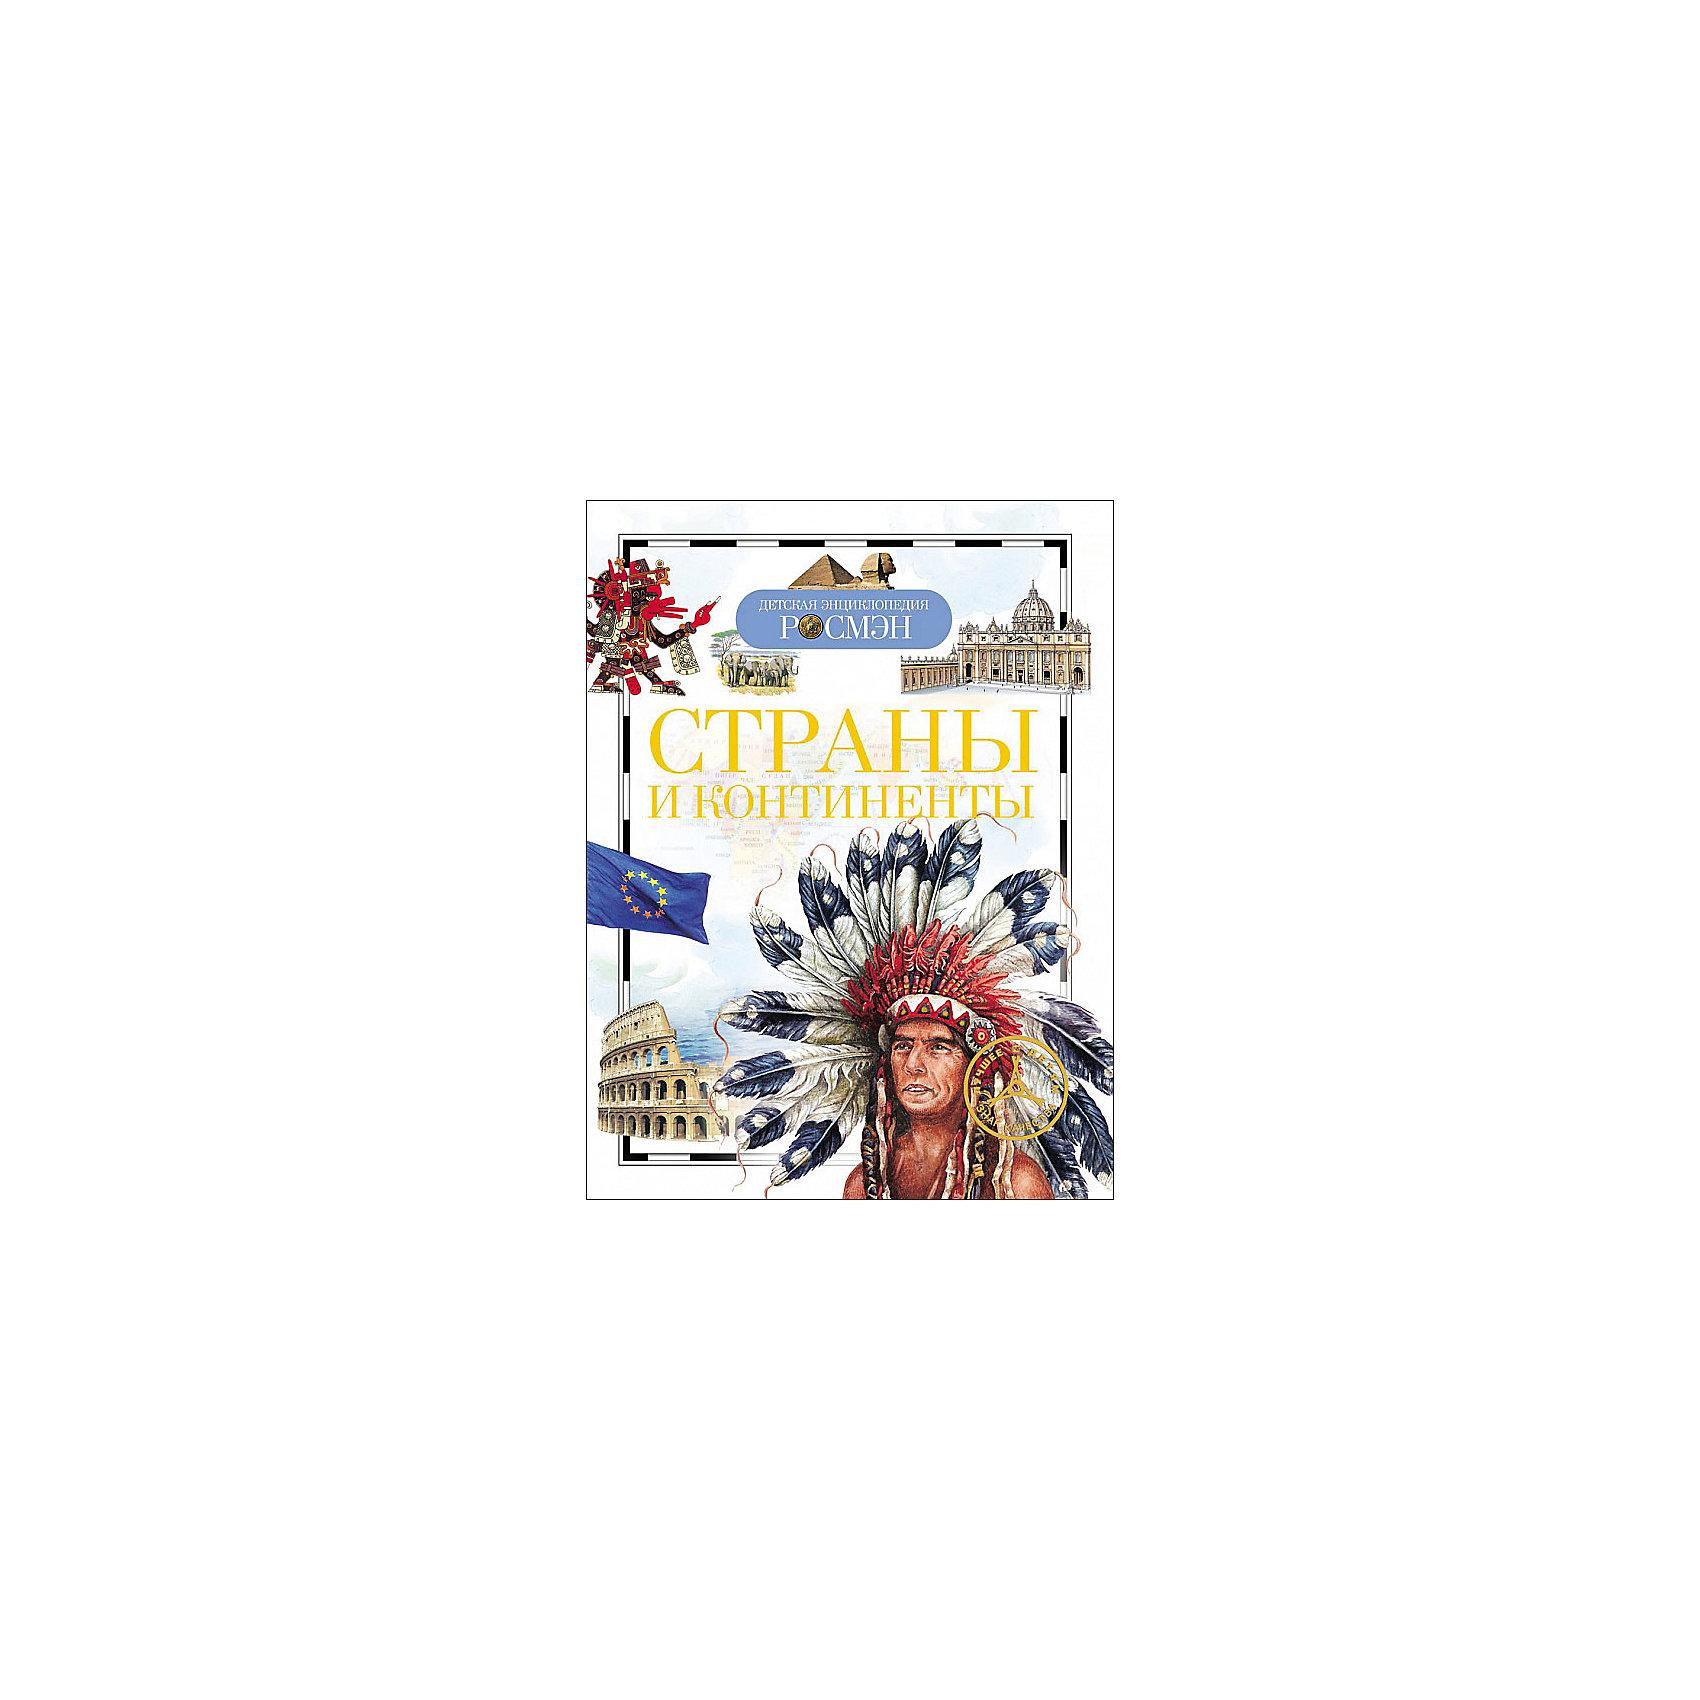 Страны и континентыCountries and continents (Страны и континенты)<br><br>Характеристики:<br><br>• Серия: детская энциклопедия РОСМЭН<br>• Автор: Татьяна Степанова<br>• Формат: 220х165<br>• Переплет: твердый переплет<br>• Количество страниц: 96<br>• Год выпуска: 2016<br>• Бумага: целлофанированная или лакированная<br>• Цветные иллюстрации: да<br>• Вес в упаковке: 230 г<br><br>Книга серии Детская энциклопедия РОСМЭН знакомит с континентами и странами нашей планеты. На страницах книги рассказывается о природных условиях и географическом положении разных стран мира, народах, их населяющих, культуре и истории.<br><br>Книгу «Страны и континенты» можно купить в нашем интернет-магазине.<br><br>Ширина мм: 220<br>Глубина мм: 165<br>Высота мм: 7<br>Вес г: 230<br>Возраст от месяцев: 84<br>Возраст до месяцев: 108<br>Пол: Унисекс<br>Возраст: Детский<br>SKU: 5110148